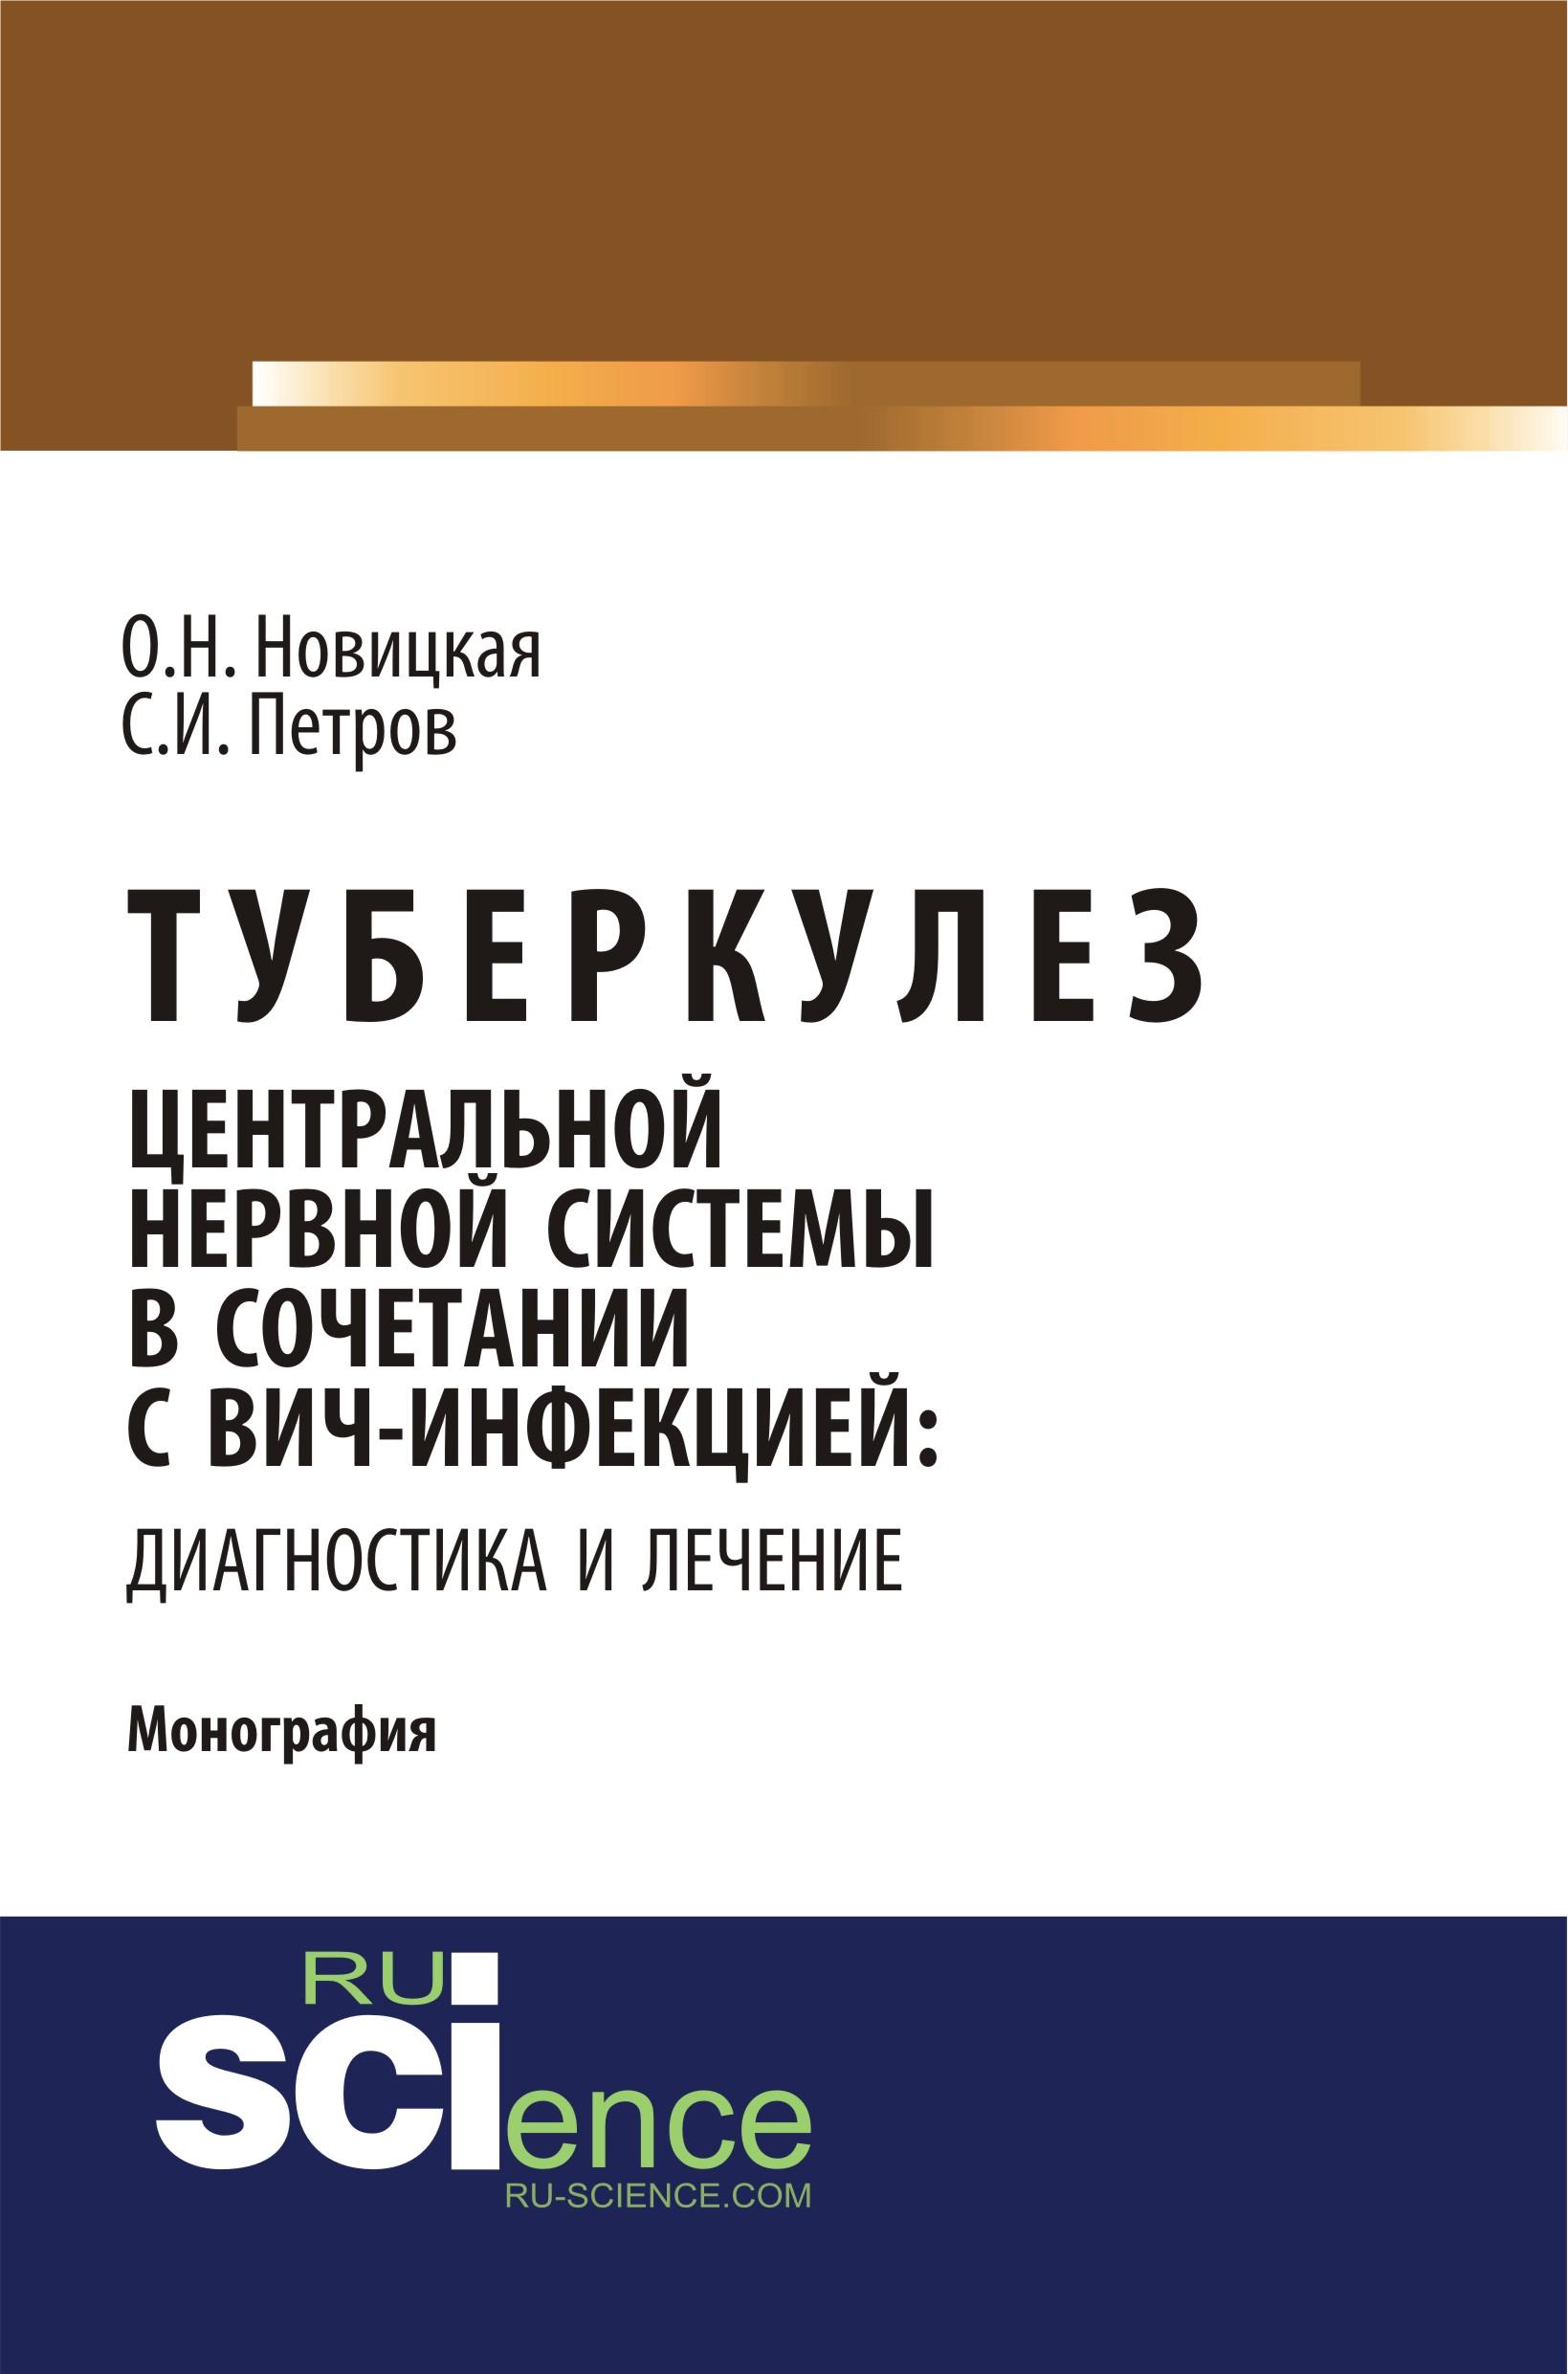 С. И. Петров Туберкулез центральной нервной системы в сочетании с ВИЧ-инфекцией: диагностика и лечение